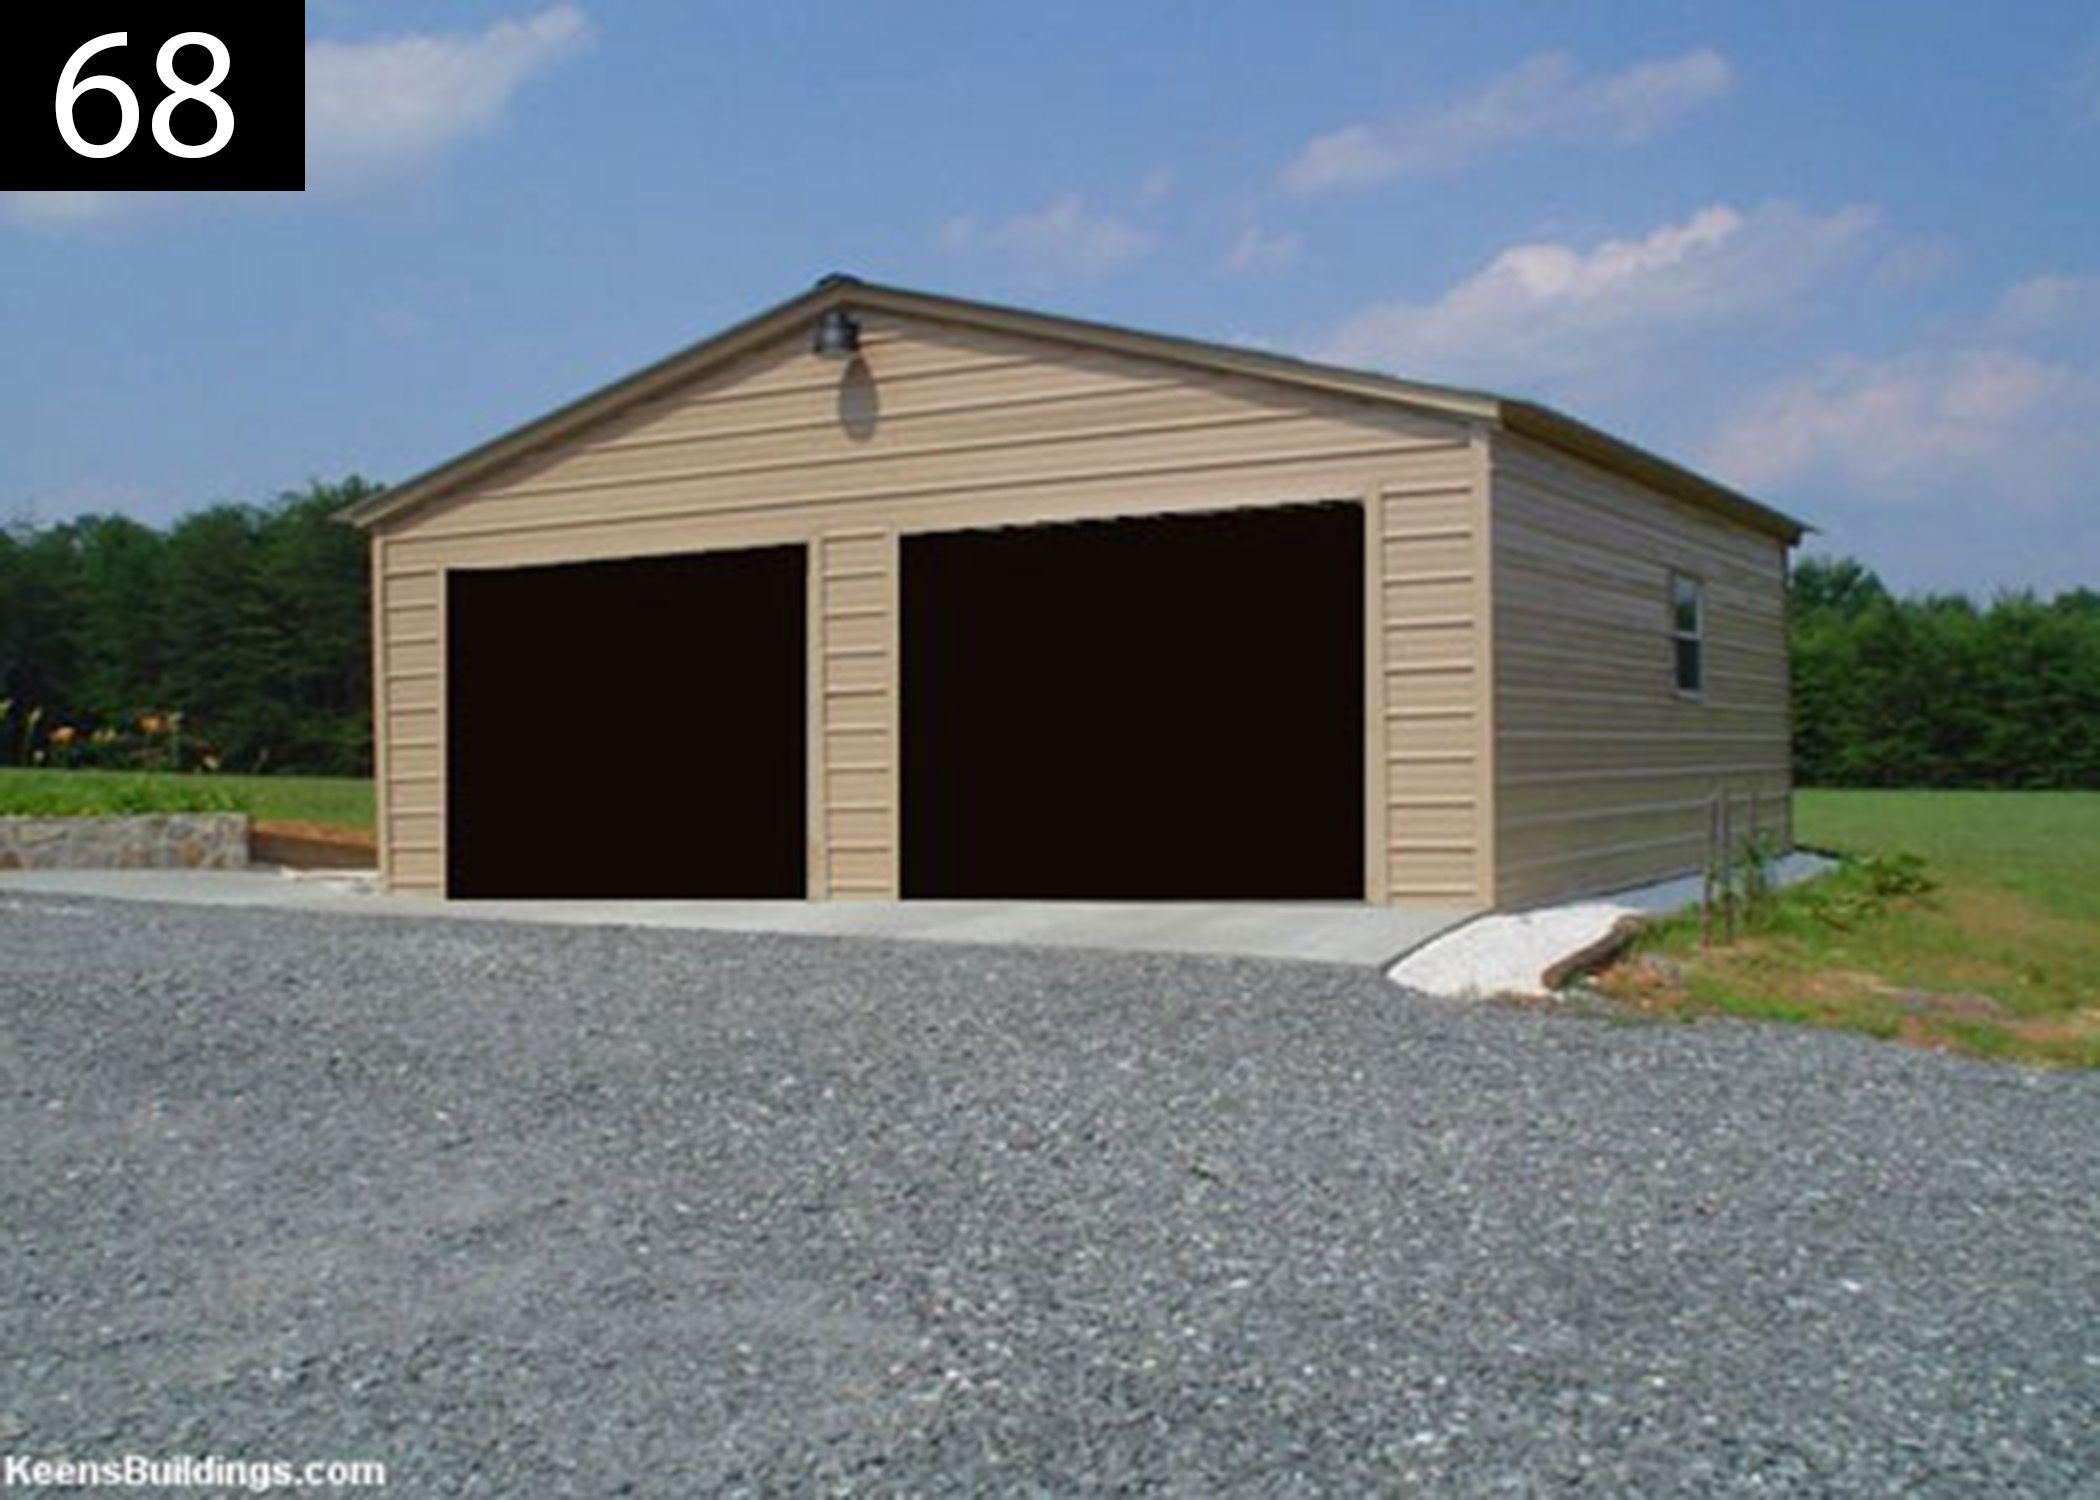 Enclosed Steel Garages Steel Buildings Keens Buildings Garage Installation Metal Buildings Carport Prices